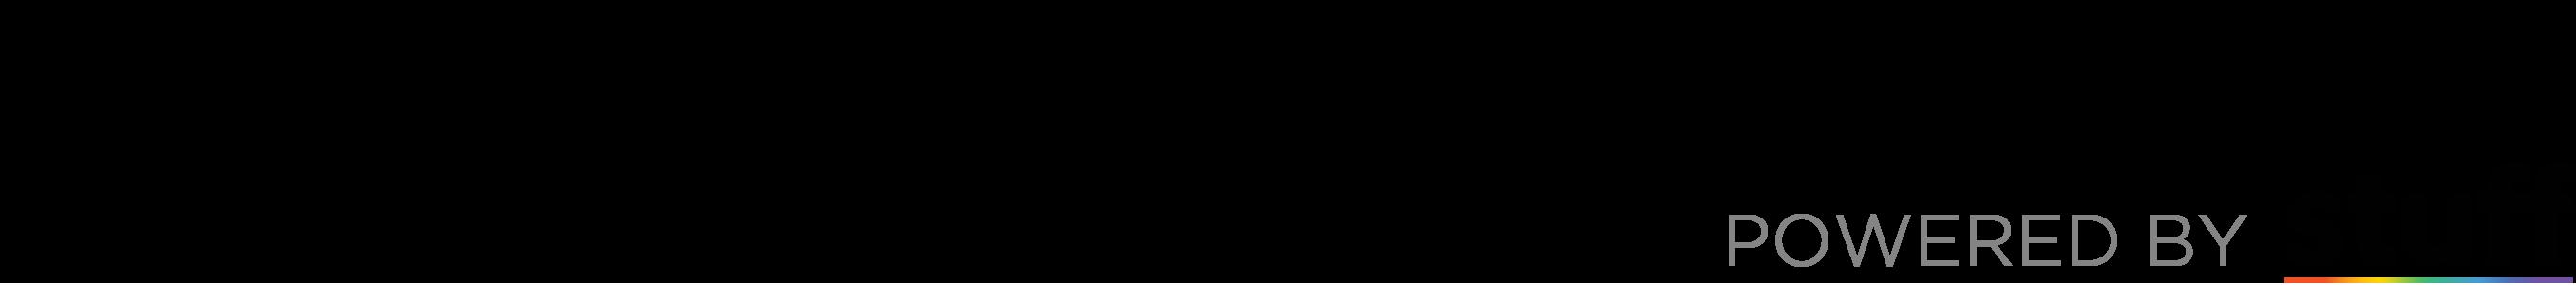 Logo 2712x300 png24